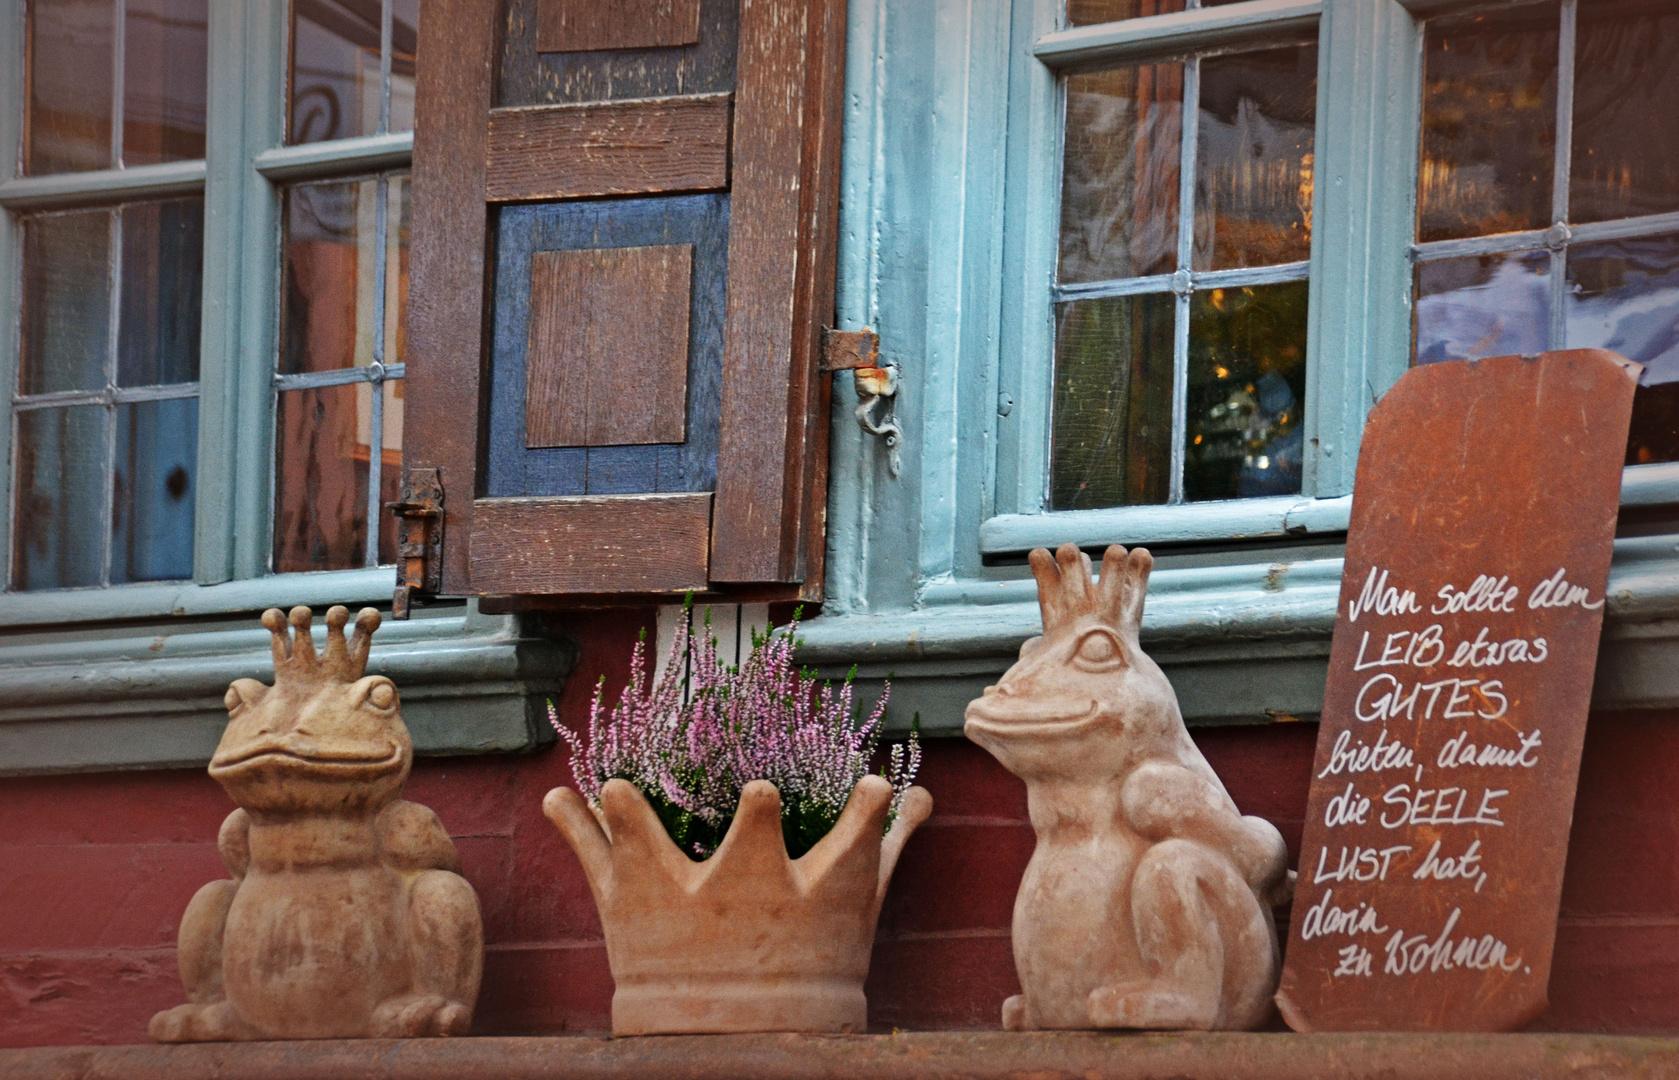 In Marburg's Altstadt